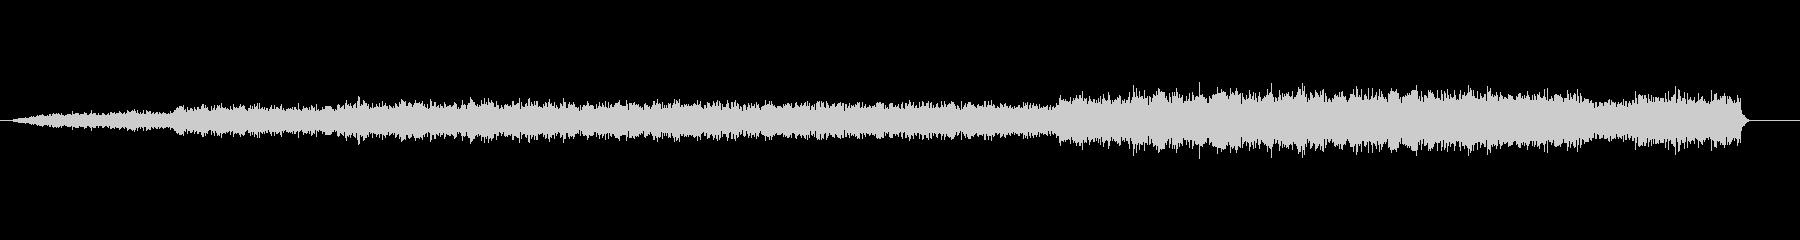 ドラッグボート;アイドル/オフ、C...の未再生の波形